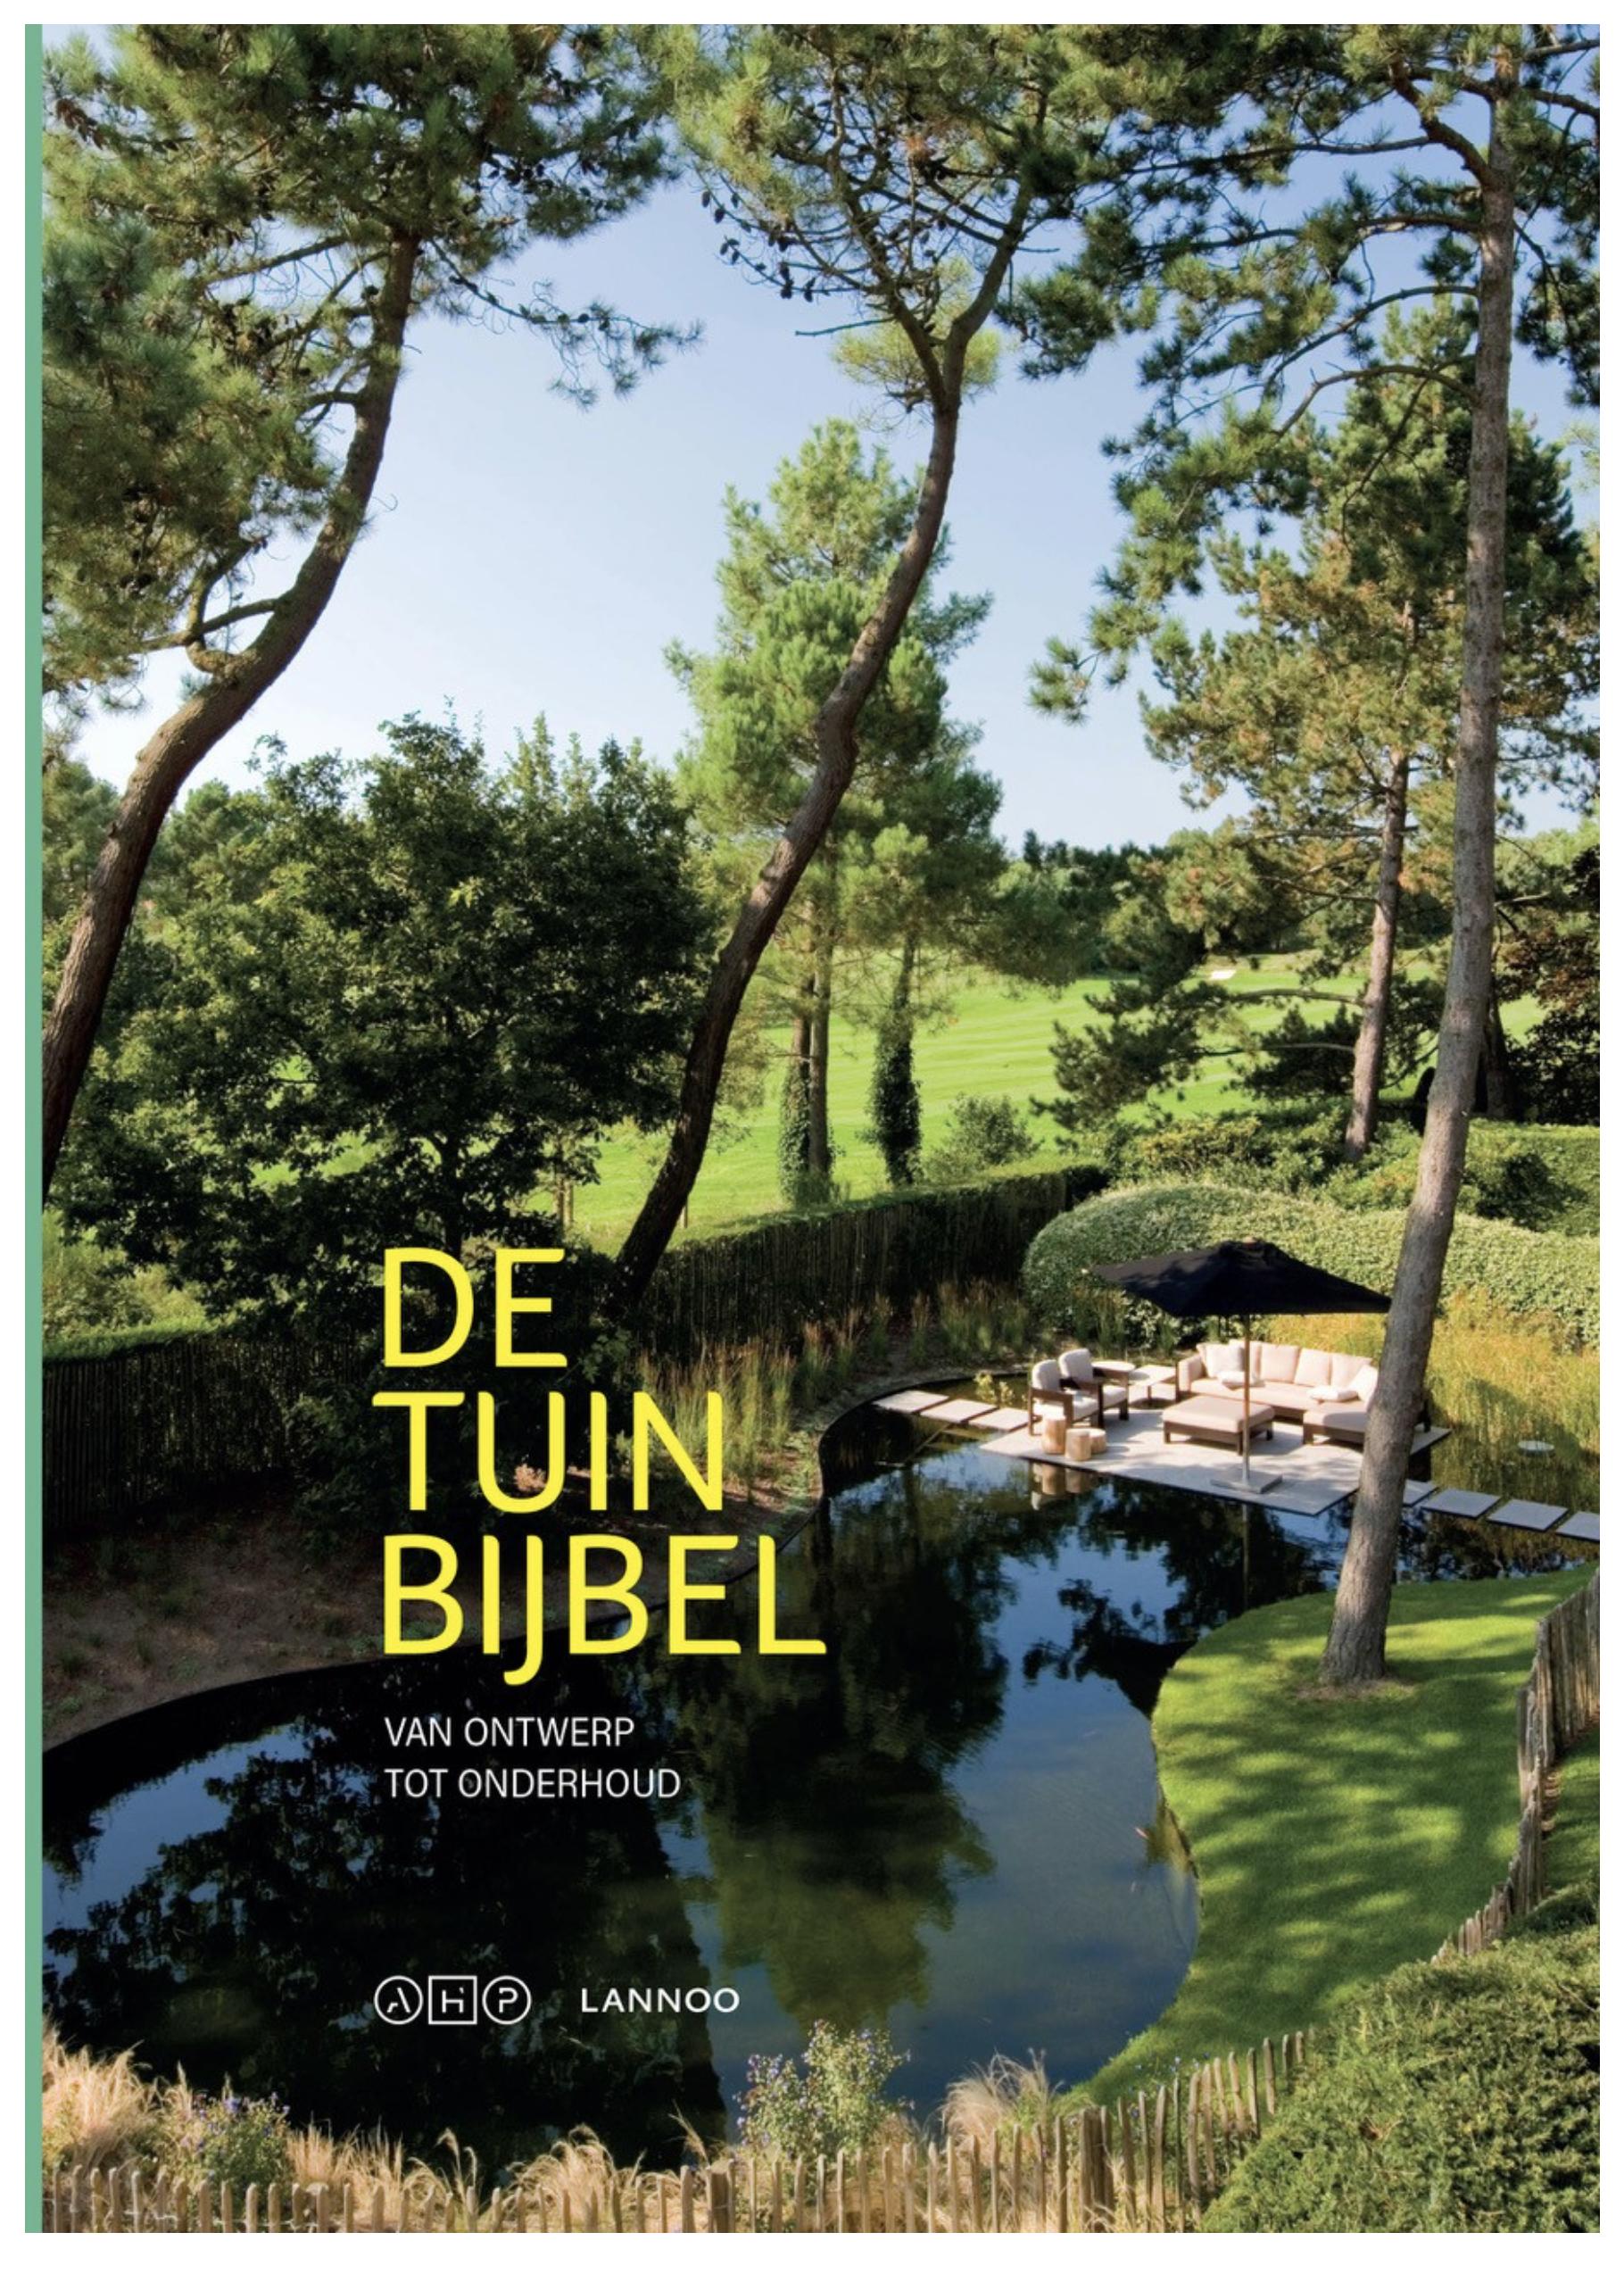 De Tuin Bijbel - 1st edition